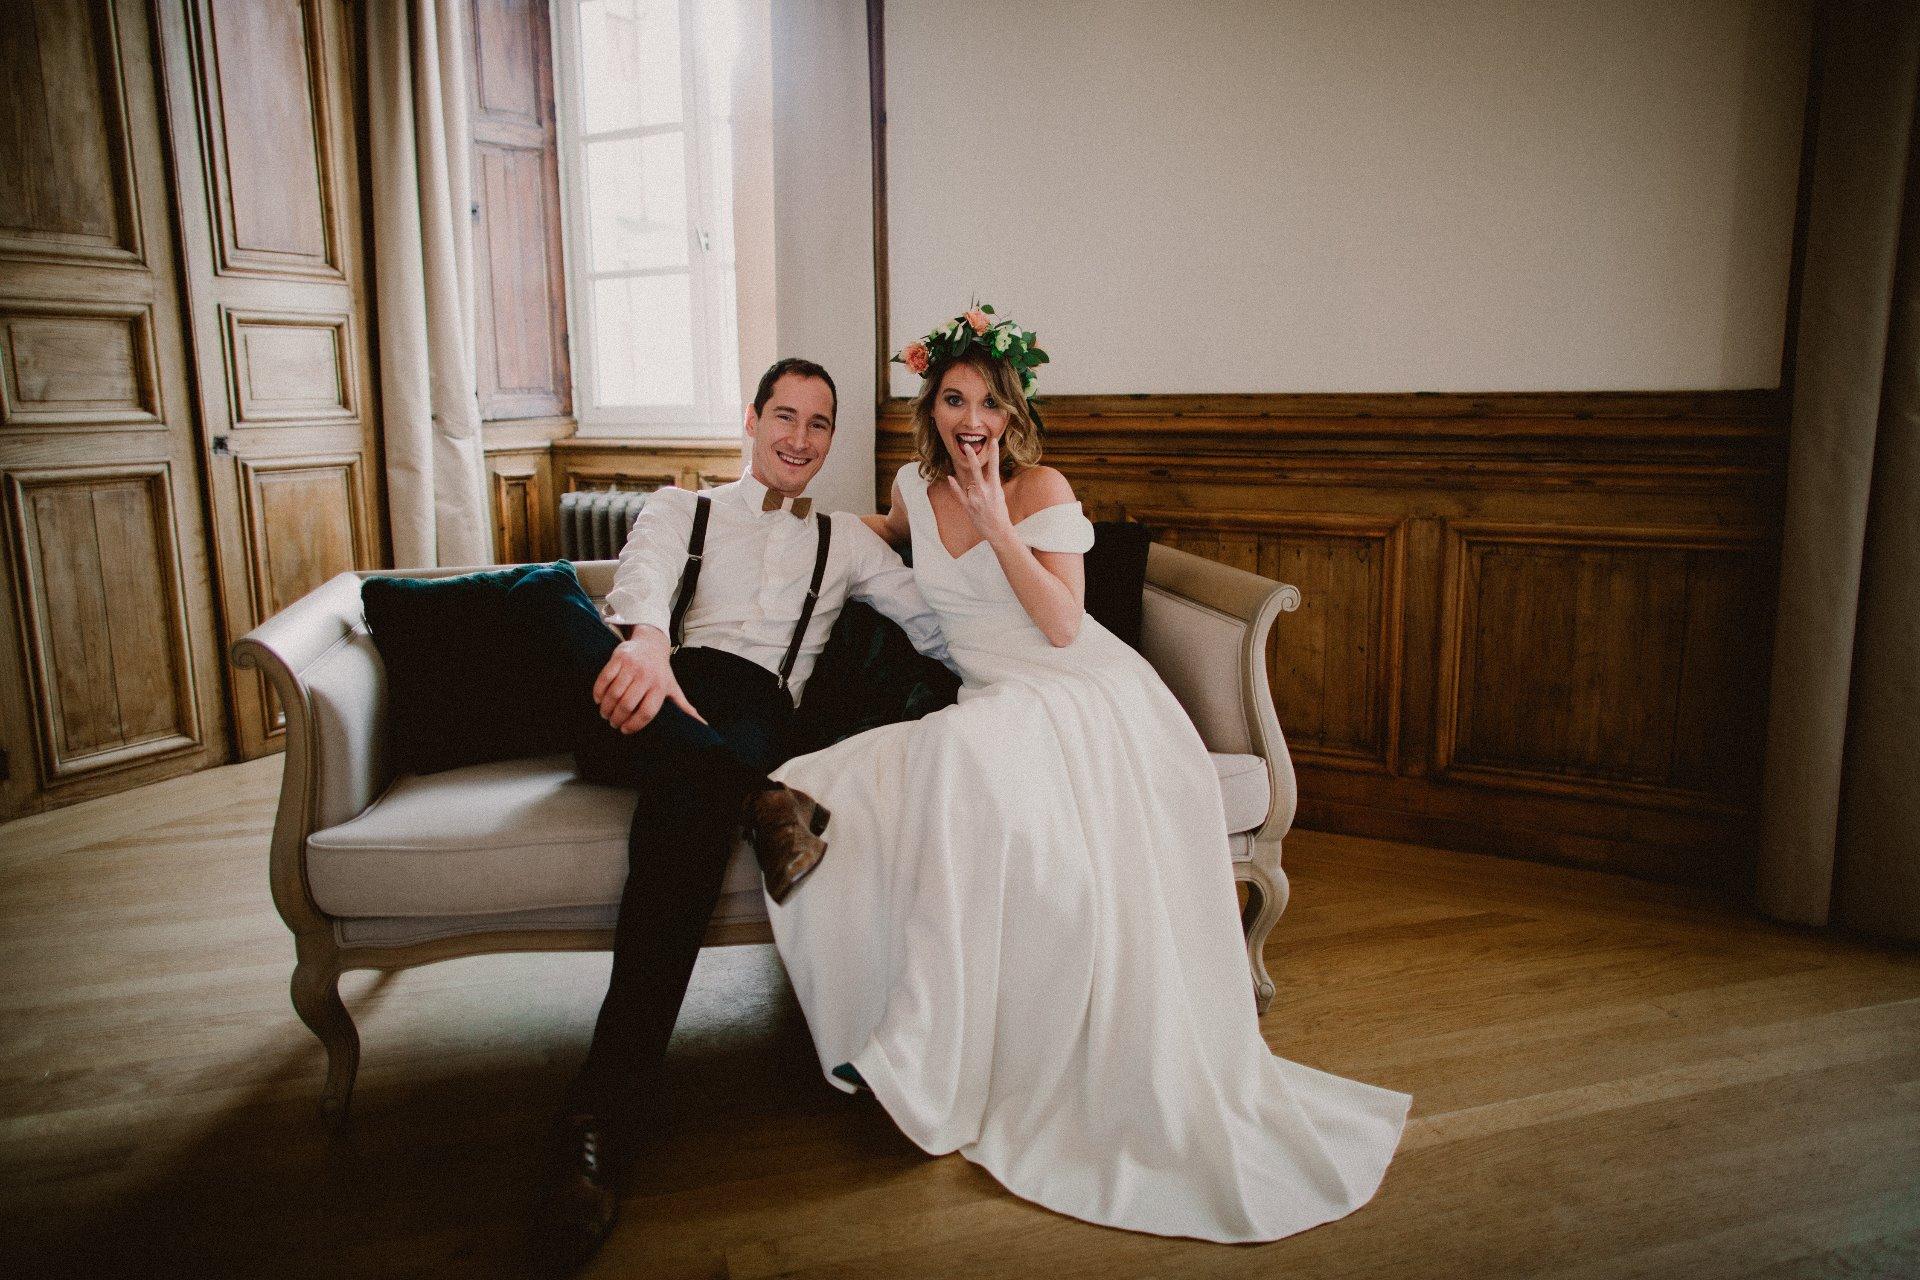 sterenn-officiante-ceremonie-laique-couple-mariage-rock-vert-foret-107